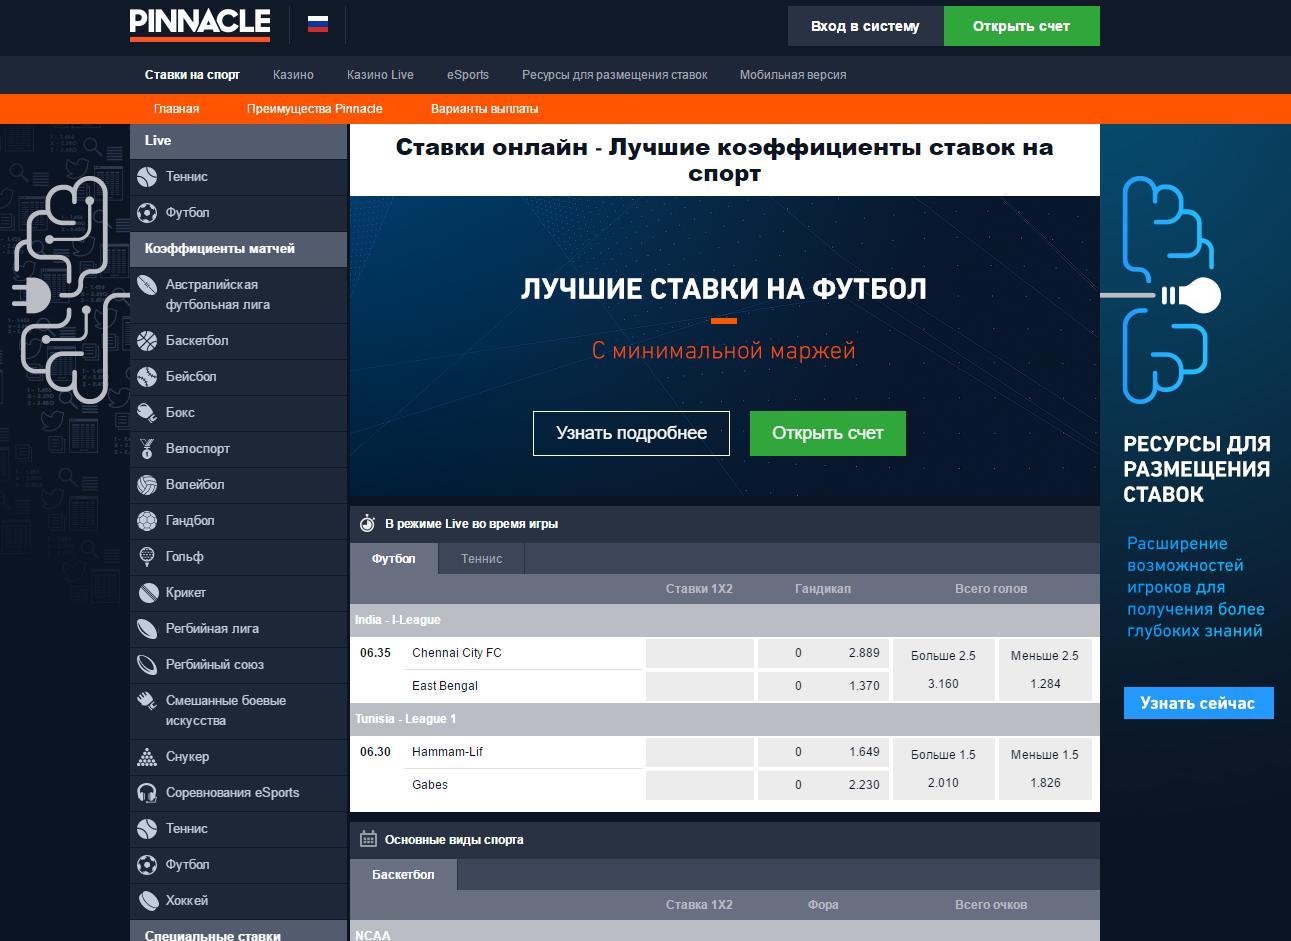 Официальный сайт букмекерской конторы Pinnacle